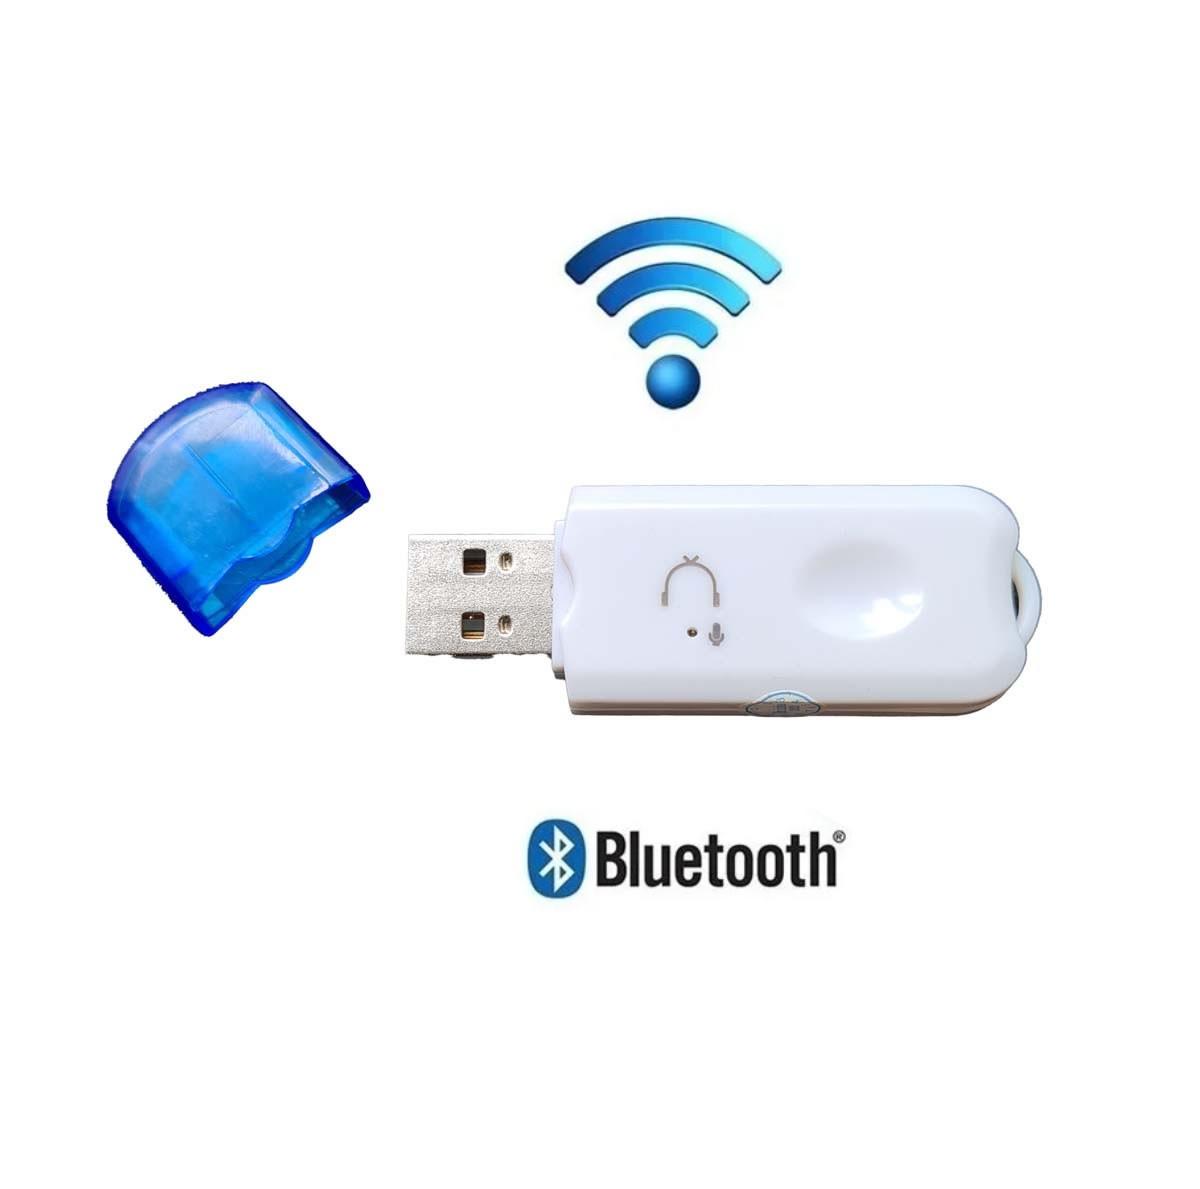 Adaptador Receptor Bluetooth Usb Pendrive para Musica em Radio Carro